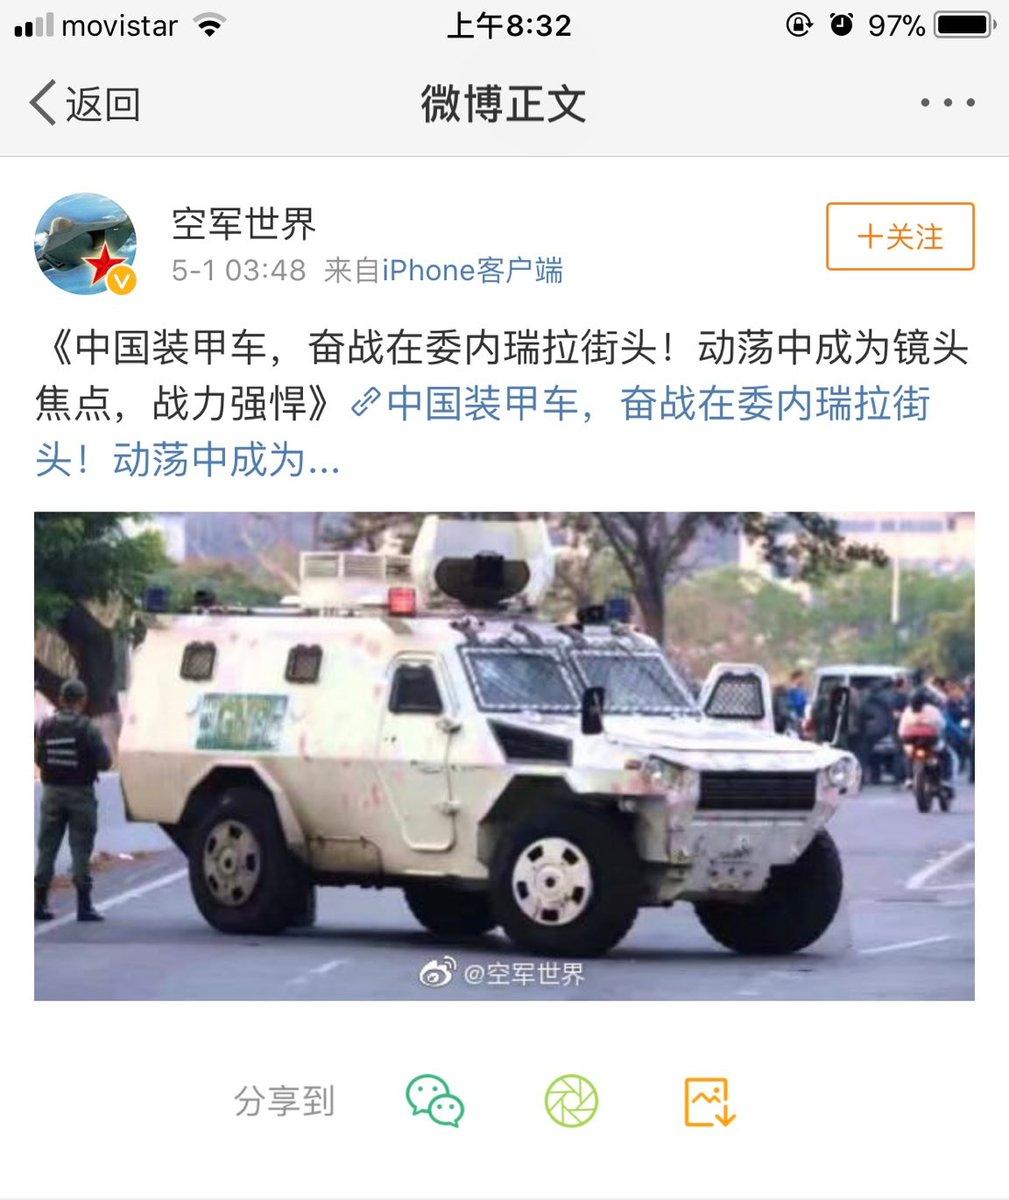 【立此存照】中国警用装甲车 奋战在委内瑞拉街头